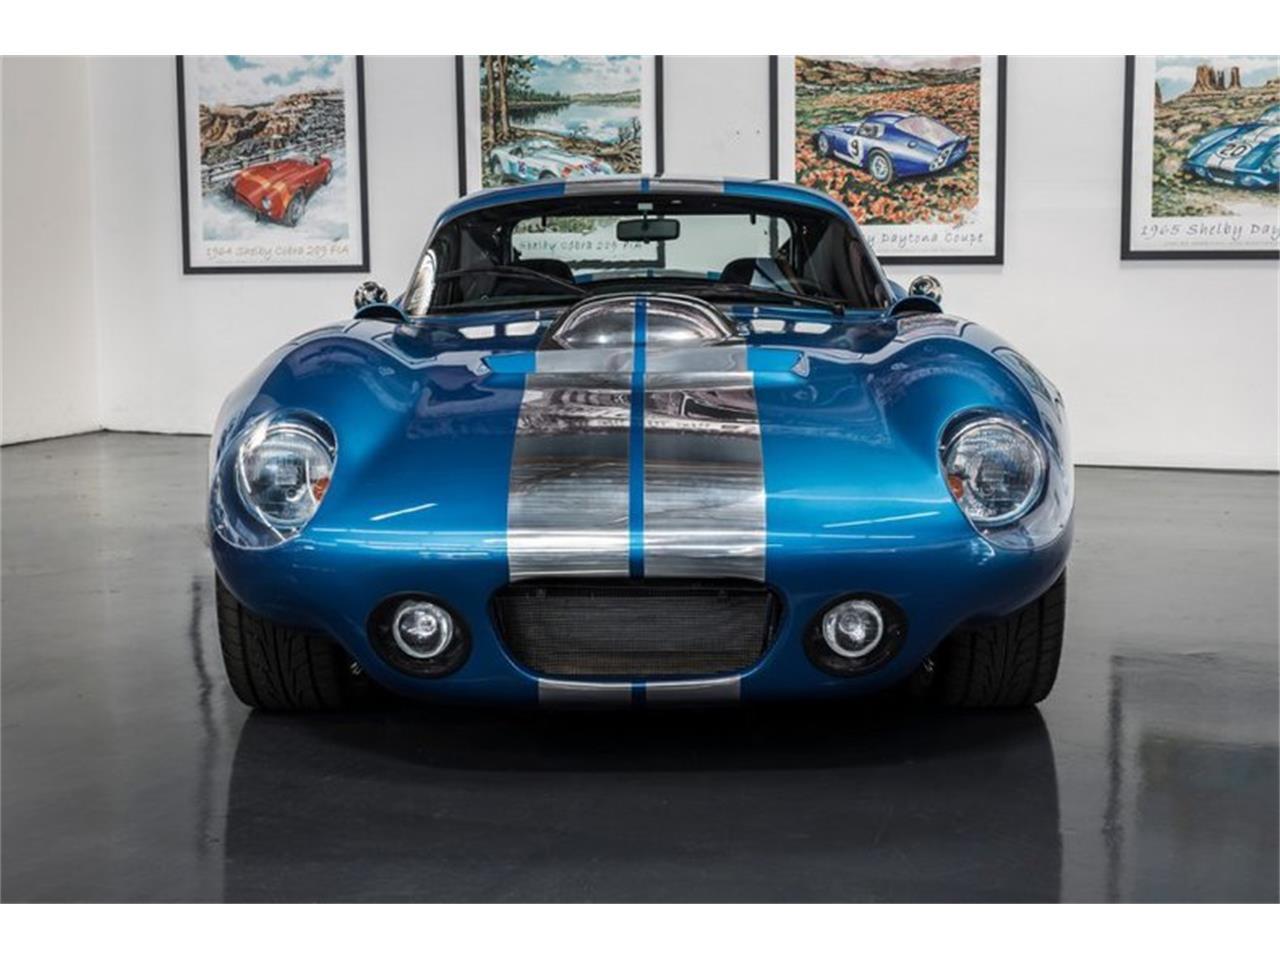 Large Picture of Classic 1964 Cobra located in Irvine California - $395,000.00 - PNWD